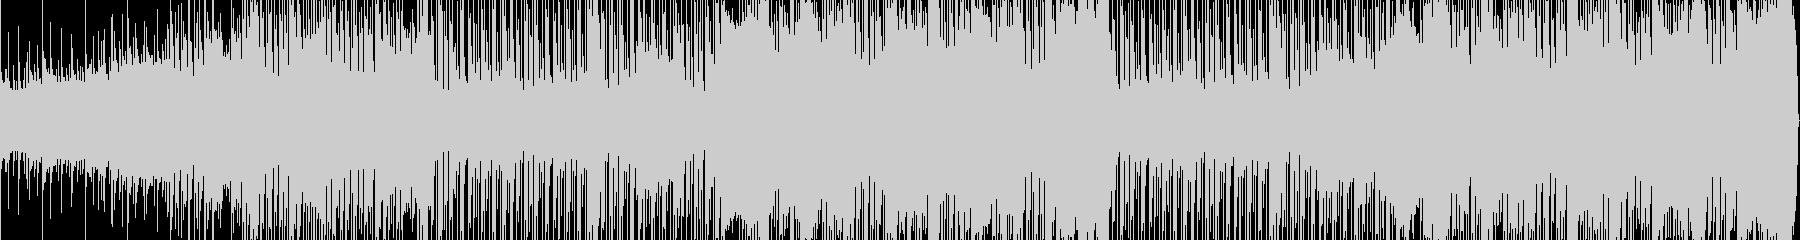 エレクトリックベース、ピアノ、アコ...の未再生の波形